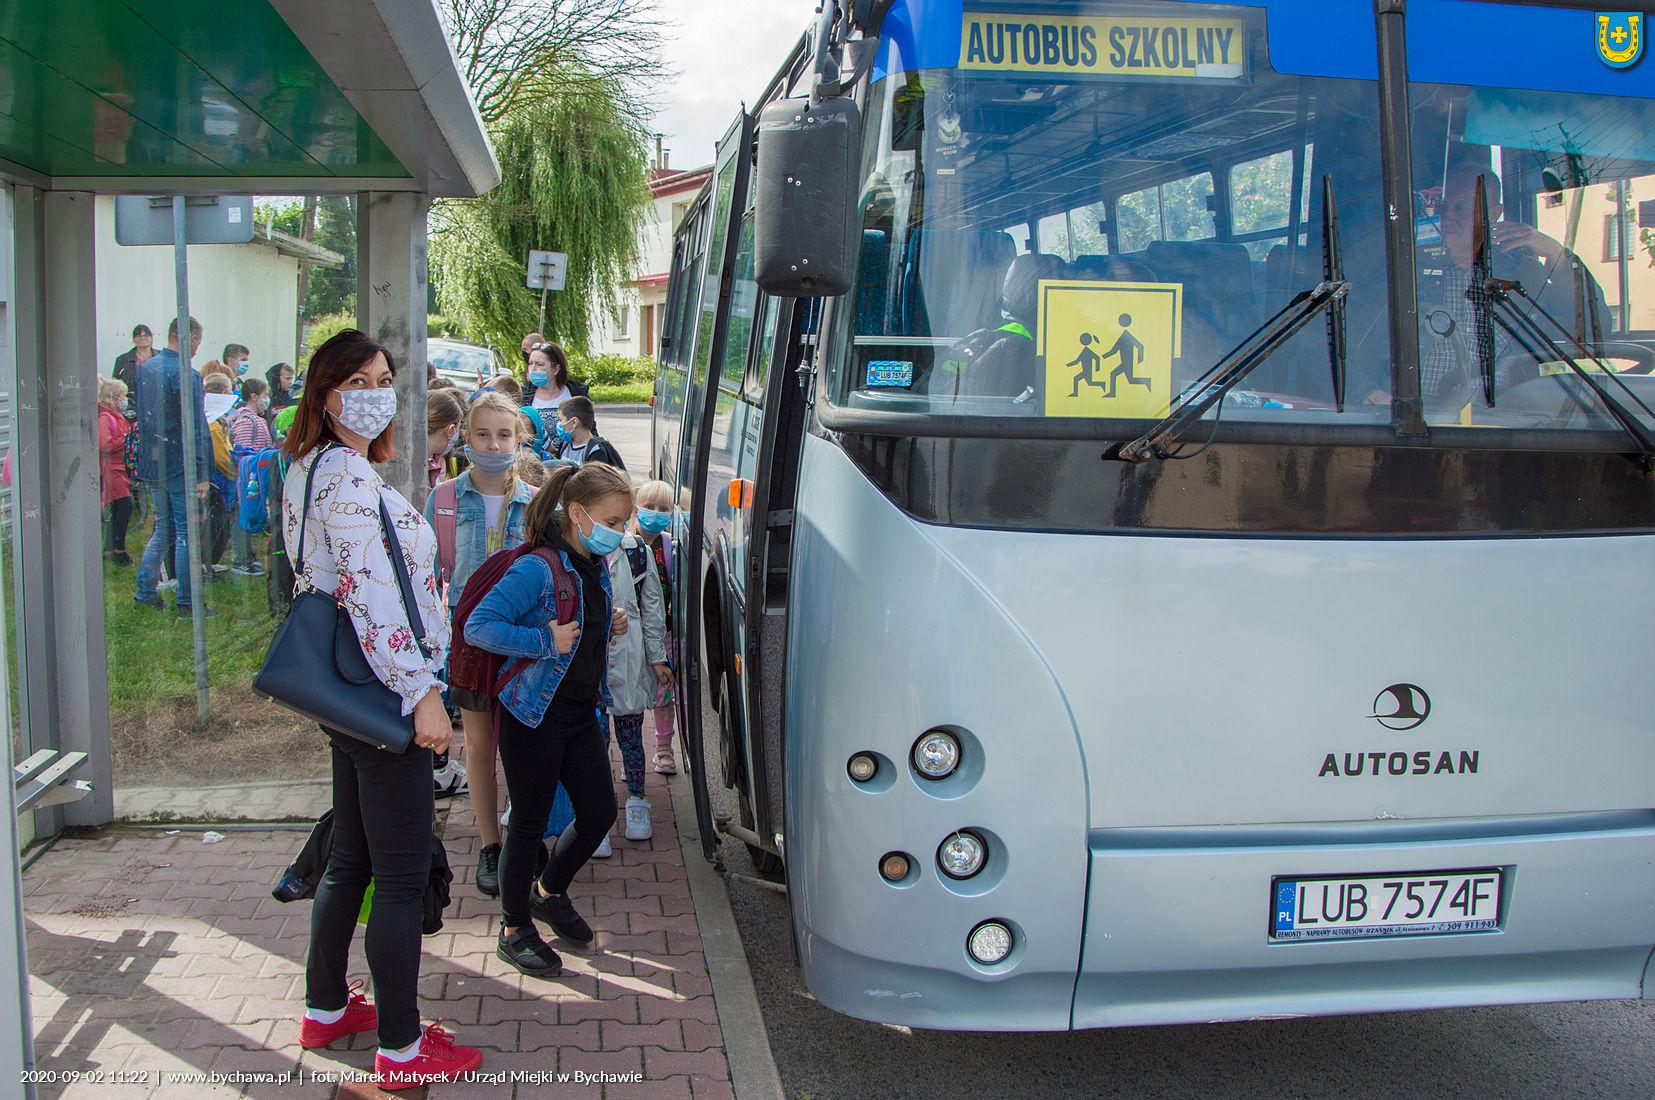 Drogi Uczniu o zakrywaniu ust i nosa pamiętaj również w autobusie